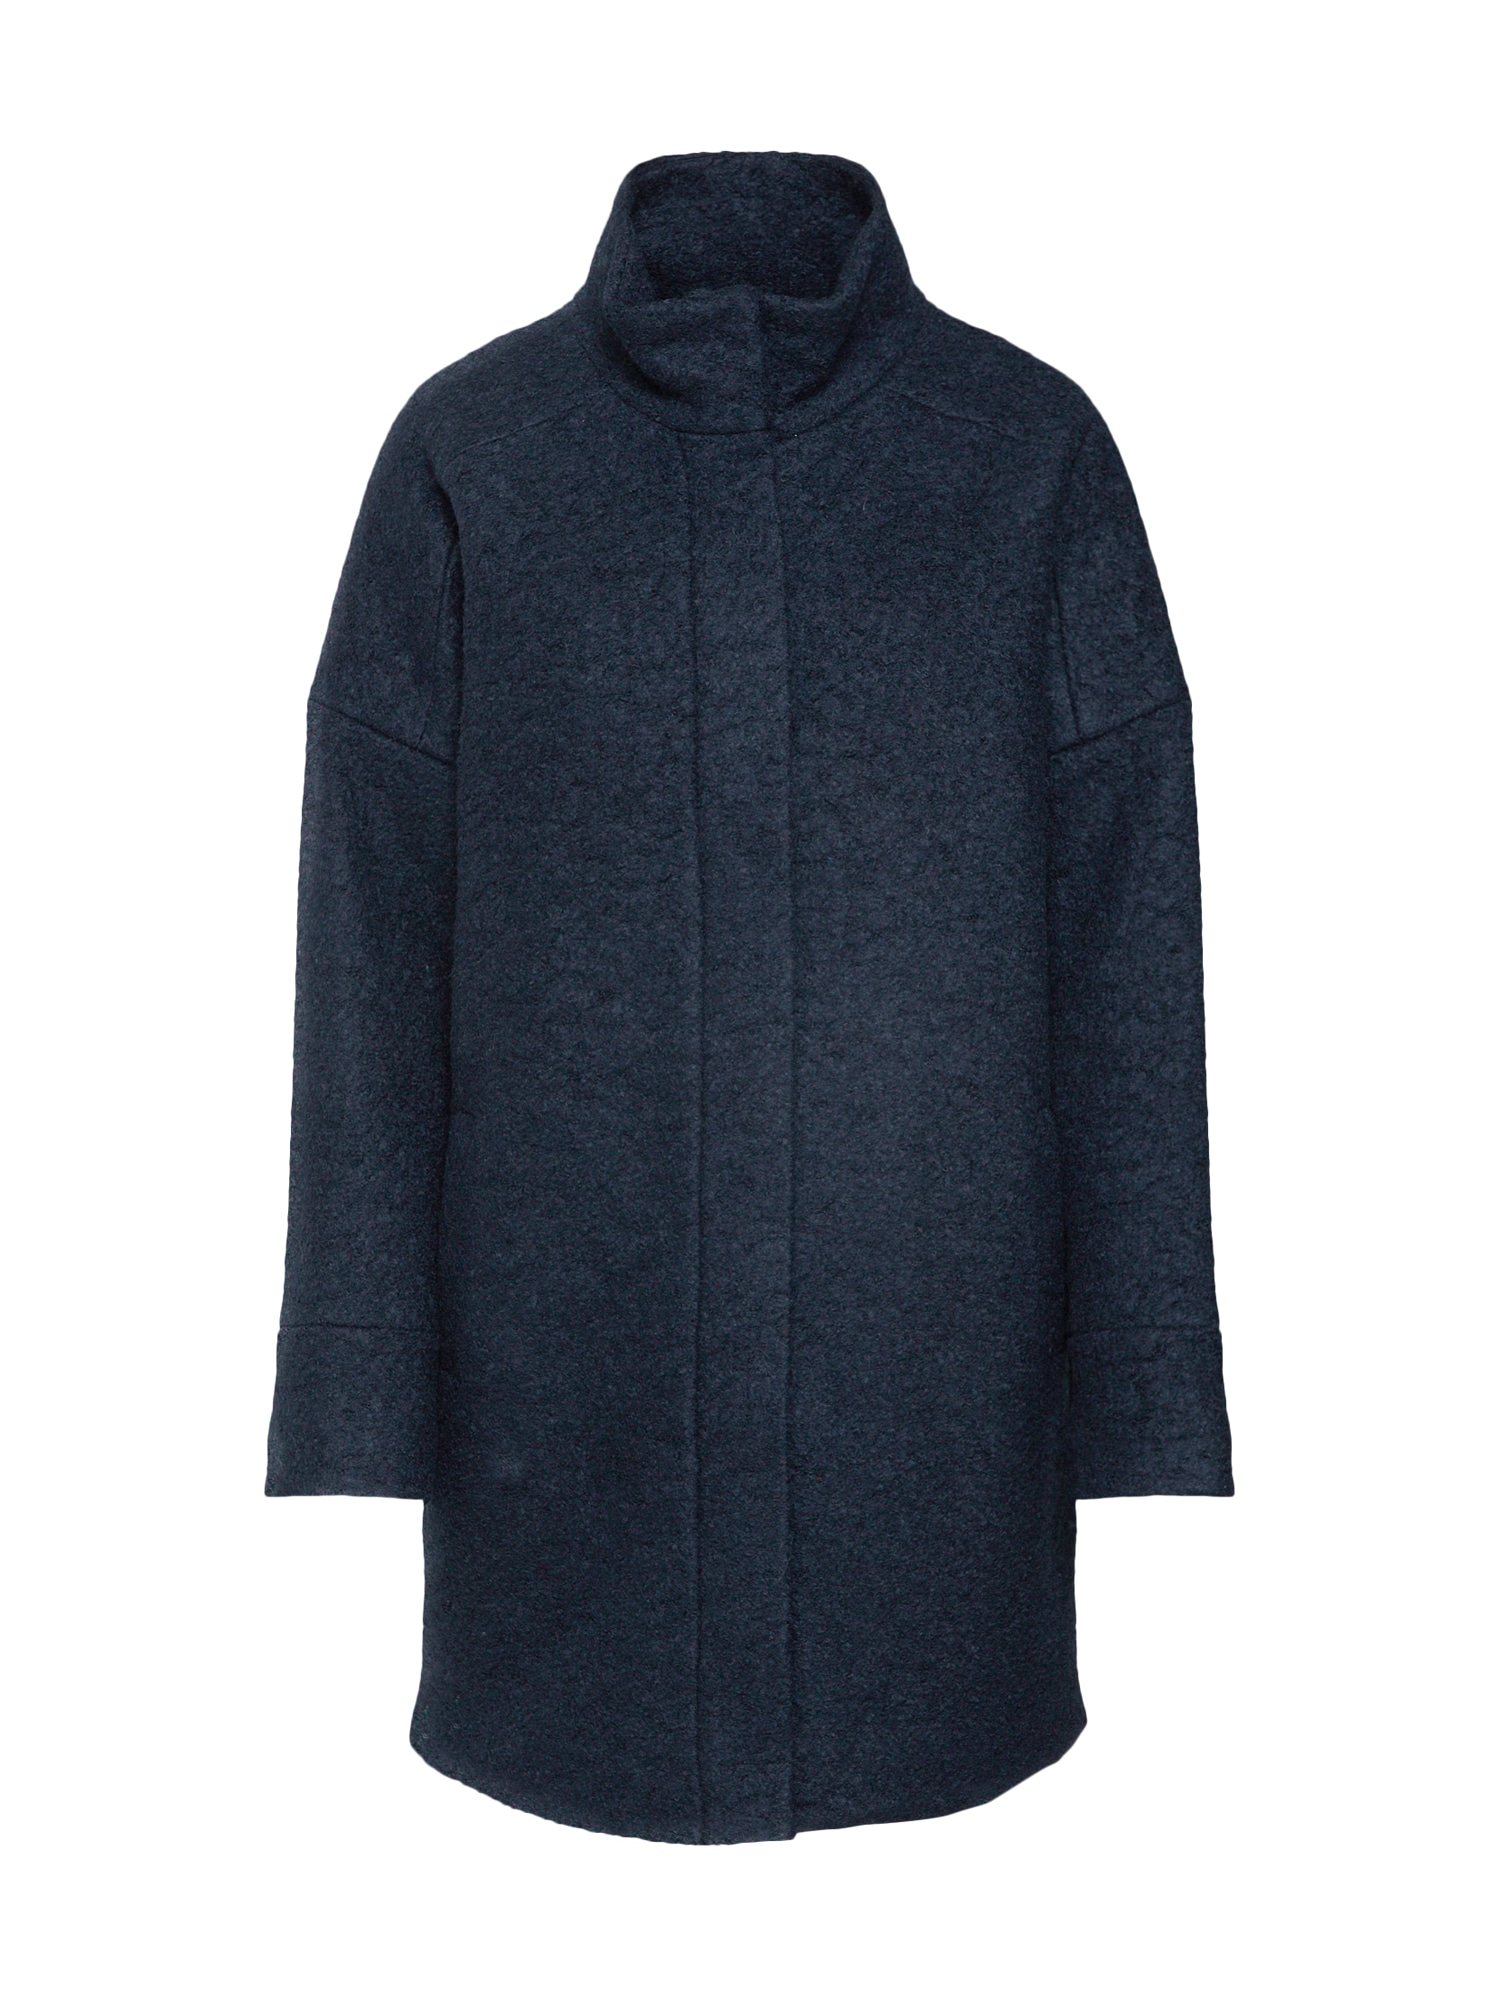 Zimní kabát Bonnie námořnická modř Modström